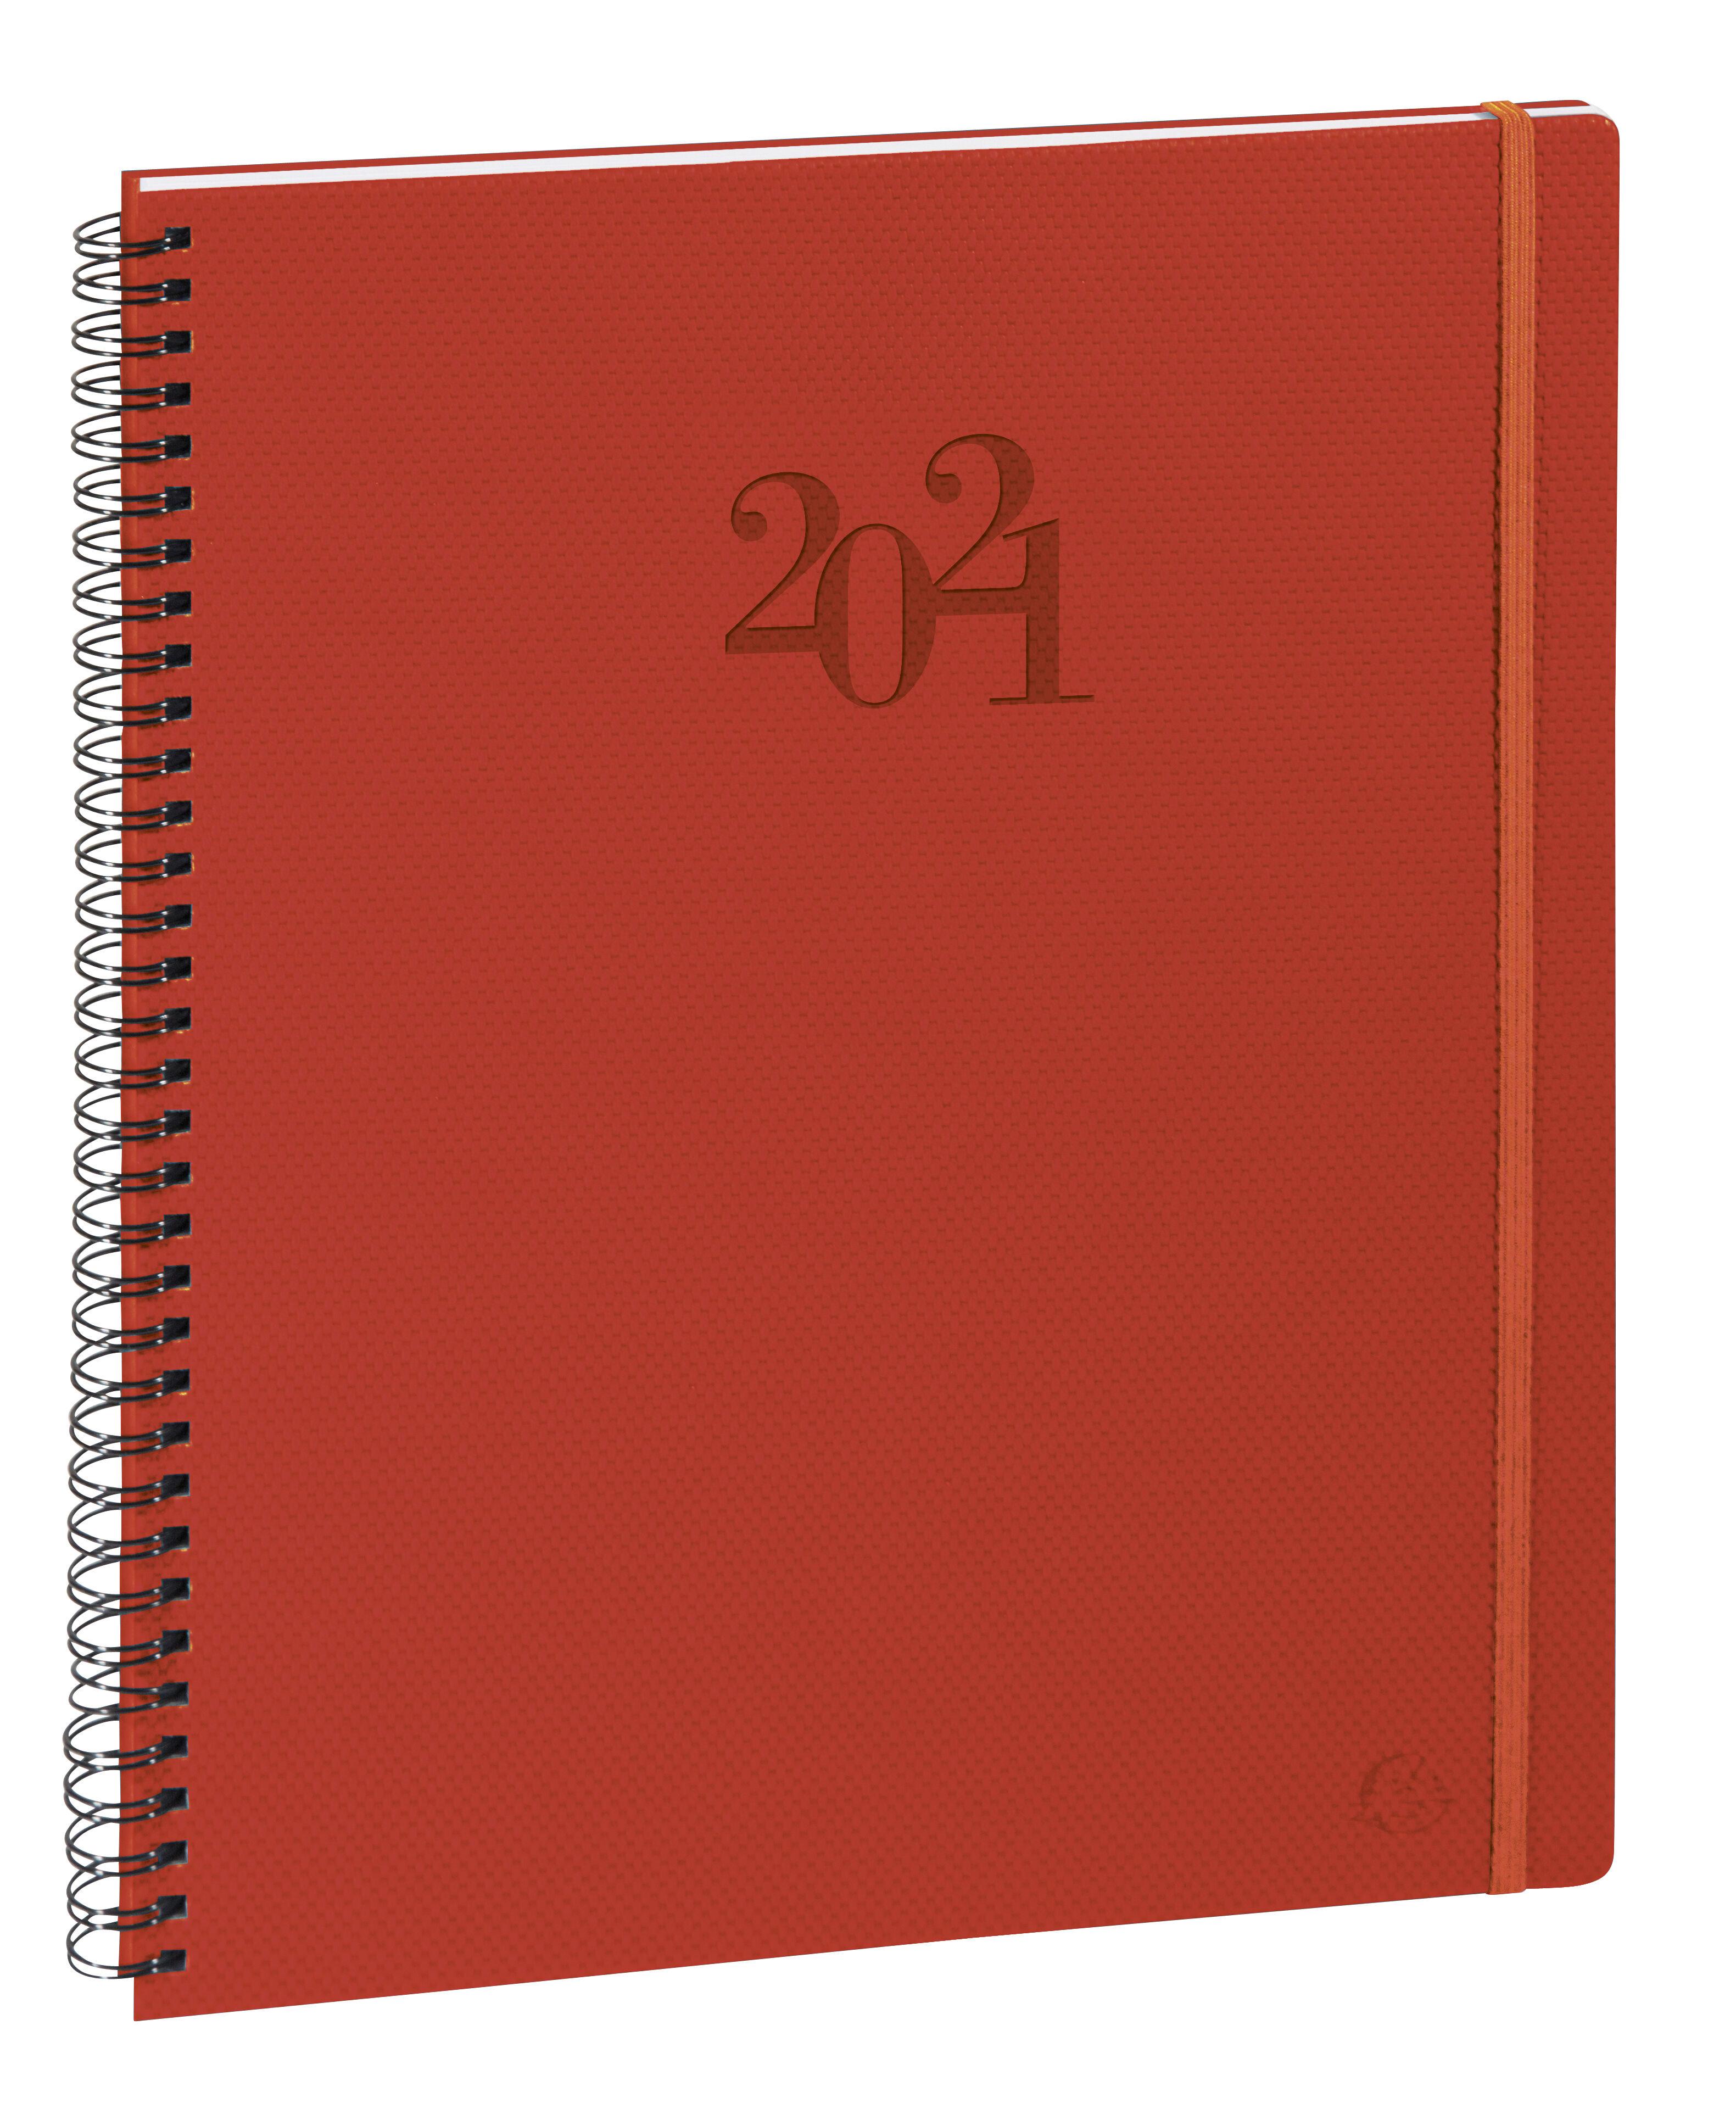 Swan Eurotime 29W - Agenda spiralé - 1 semaine sur 2 pages - 21 x 29,7 cm - disponible dans différentes couleurs - Exacompta